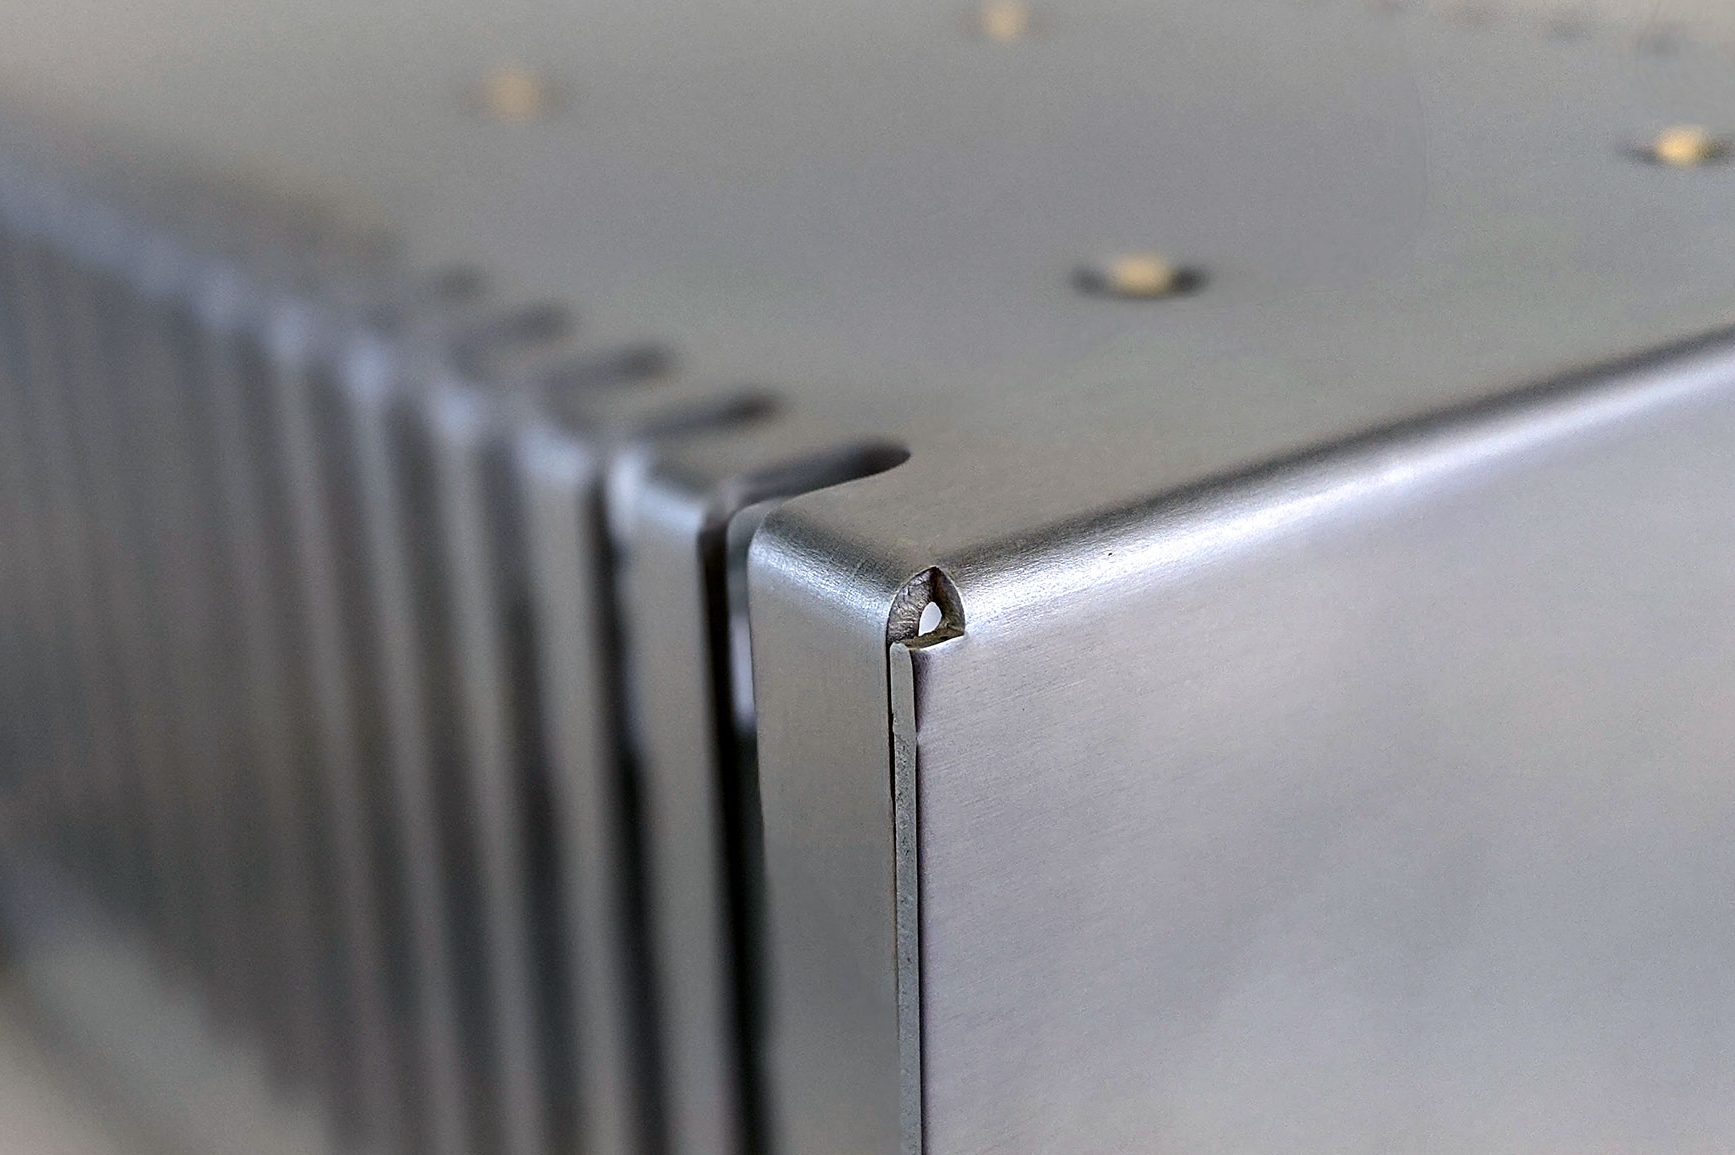 Nahaufnahme der Ecke eines chromatierten Gehäuses mit Lüfter-Ausschnitten an der Seite